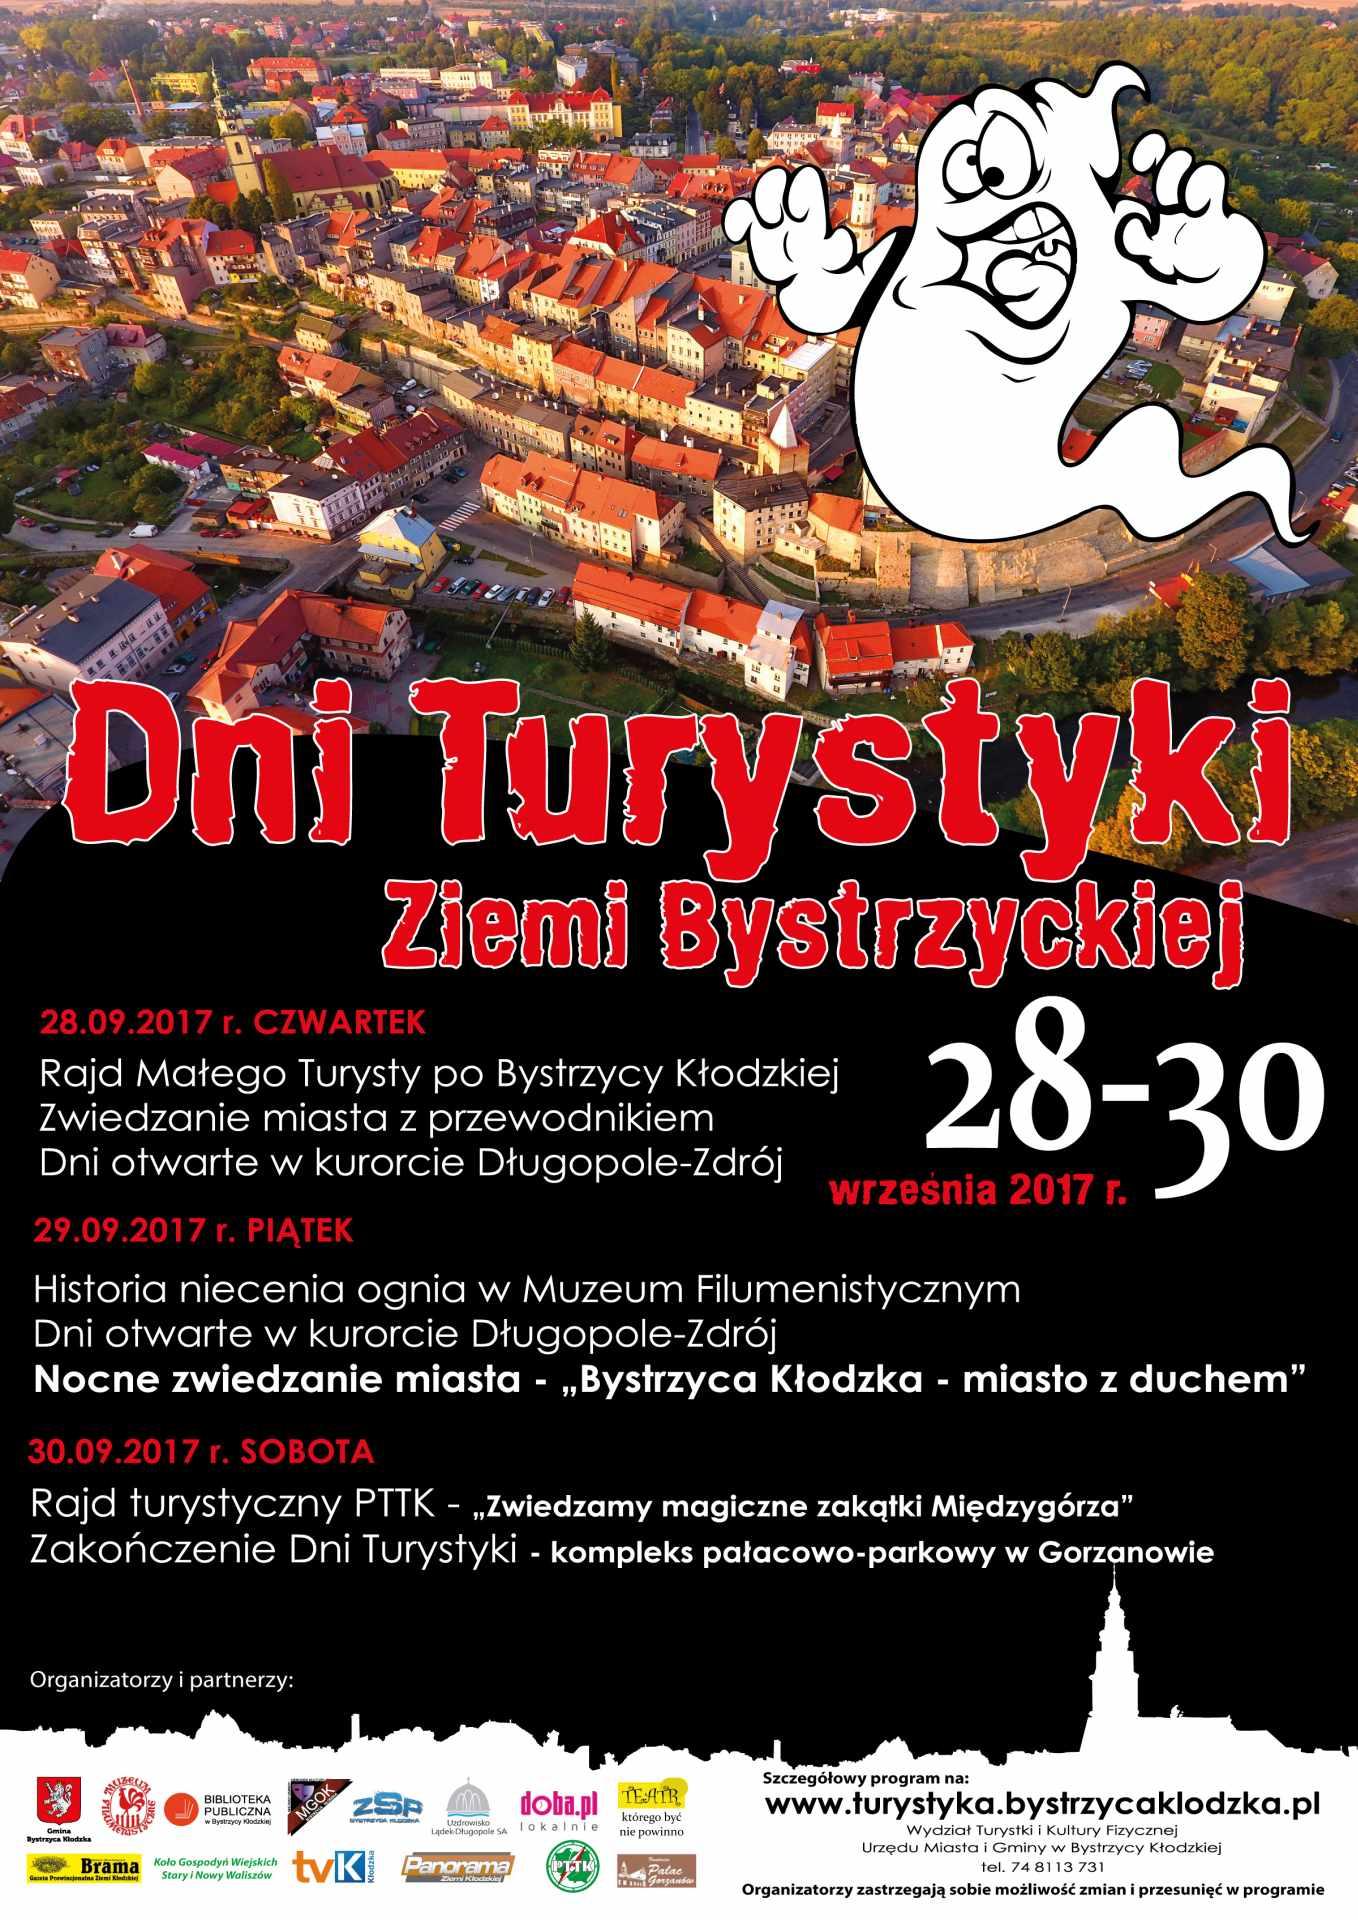 Zapraszamy na Dni Turystyki Ziemi Bystrzyckiej!